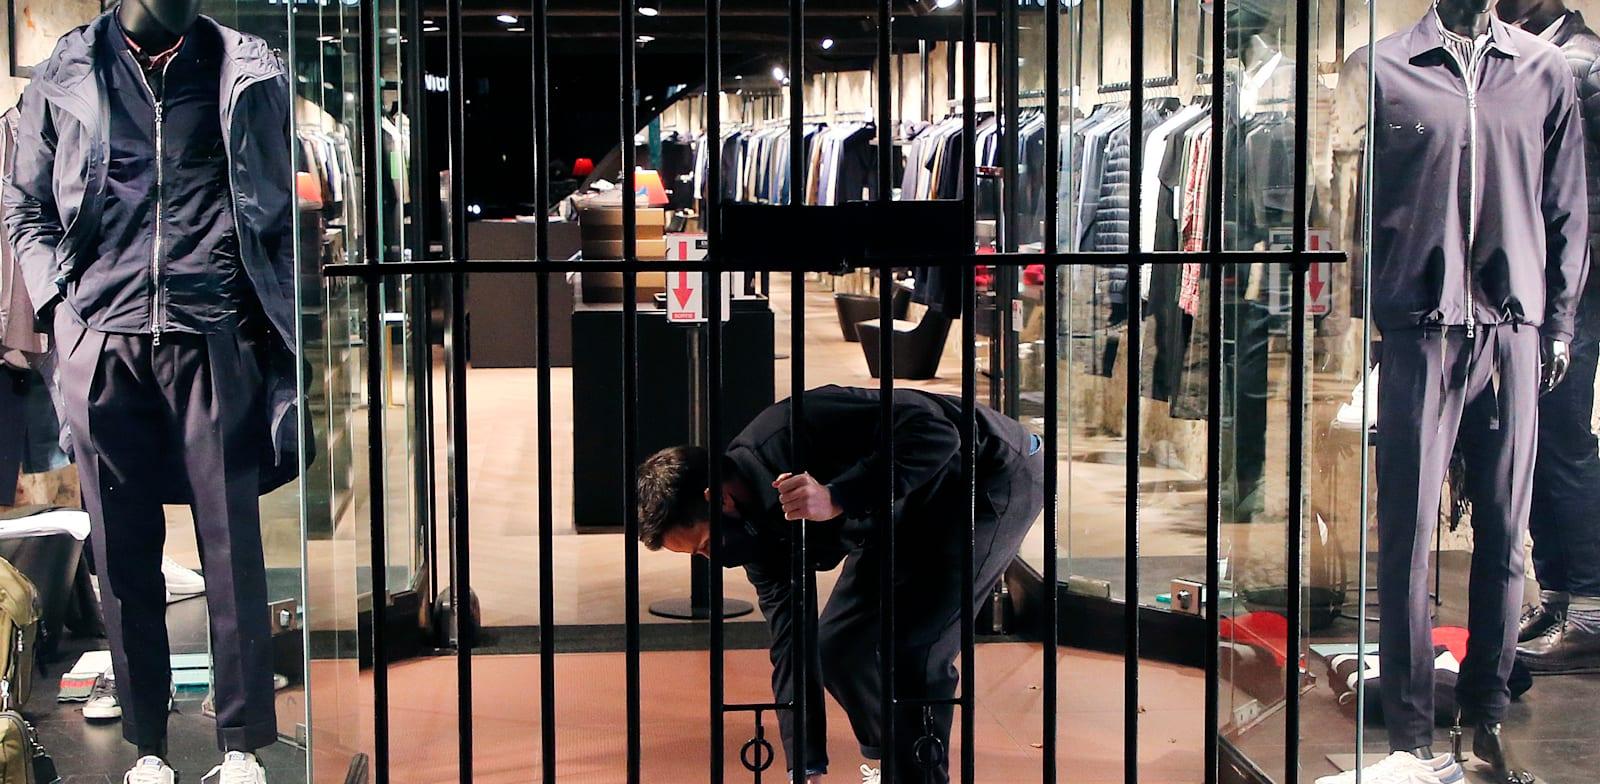 אדם סוגר את חנותו כמה דקות לפני העוצר, בסן ז'אן דה לוז בדרום מערב צרפת, לפני כשבועיים / צילום: Associated Press, Bob Edme